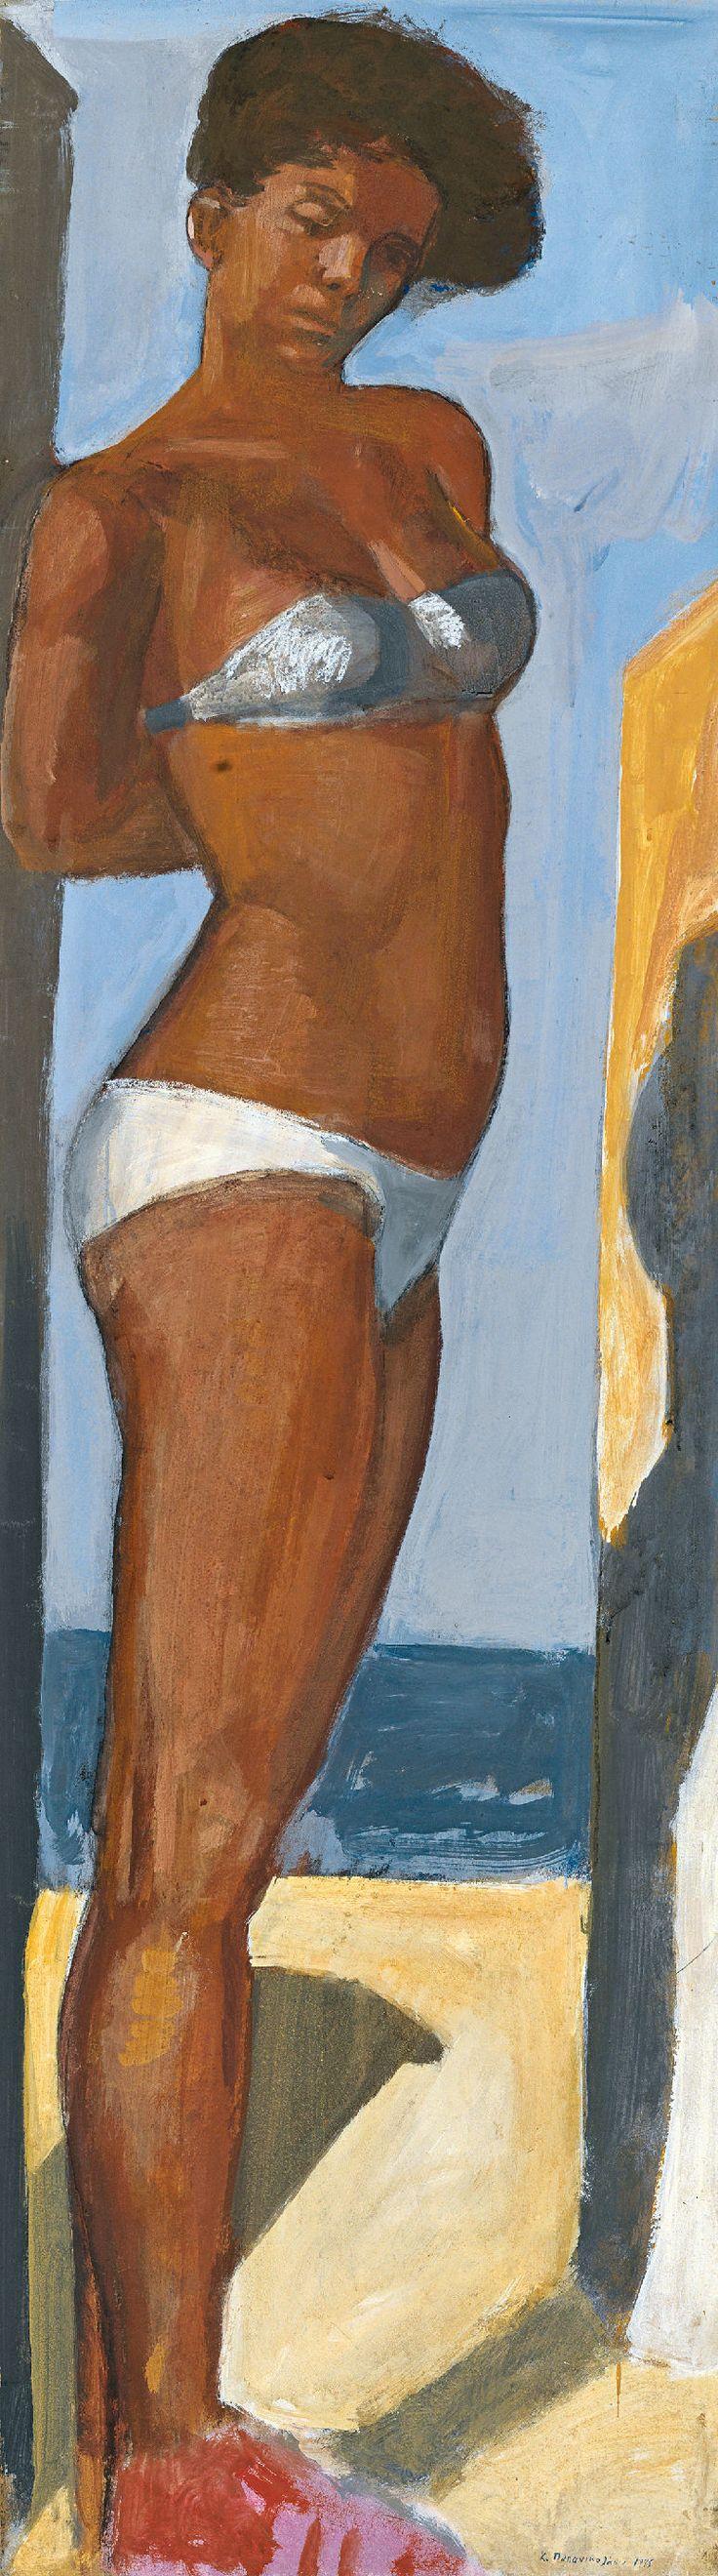 Με το μαγιό/ Πριν το μπάνιο (έργο συλλογής) | Felios Collection